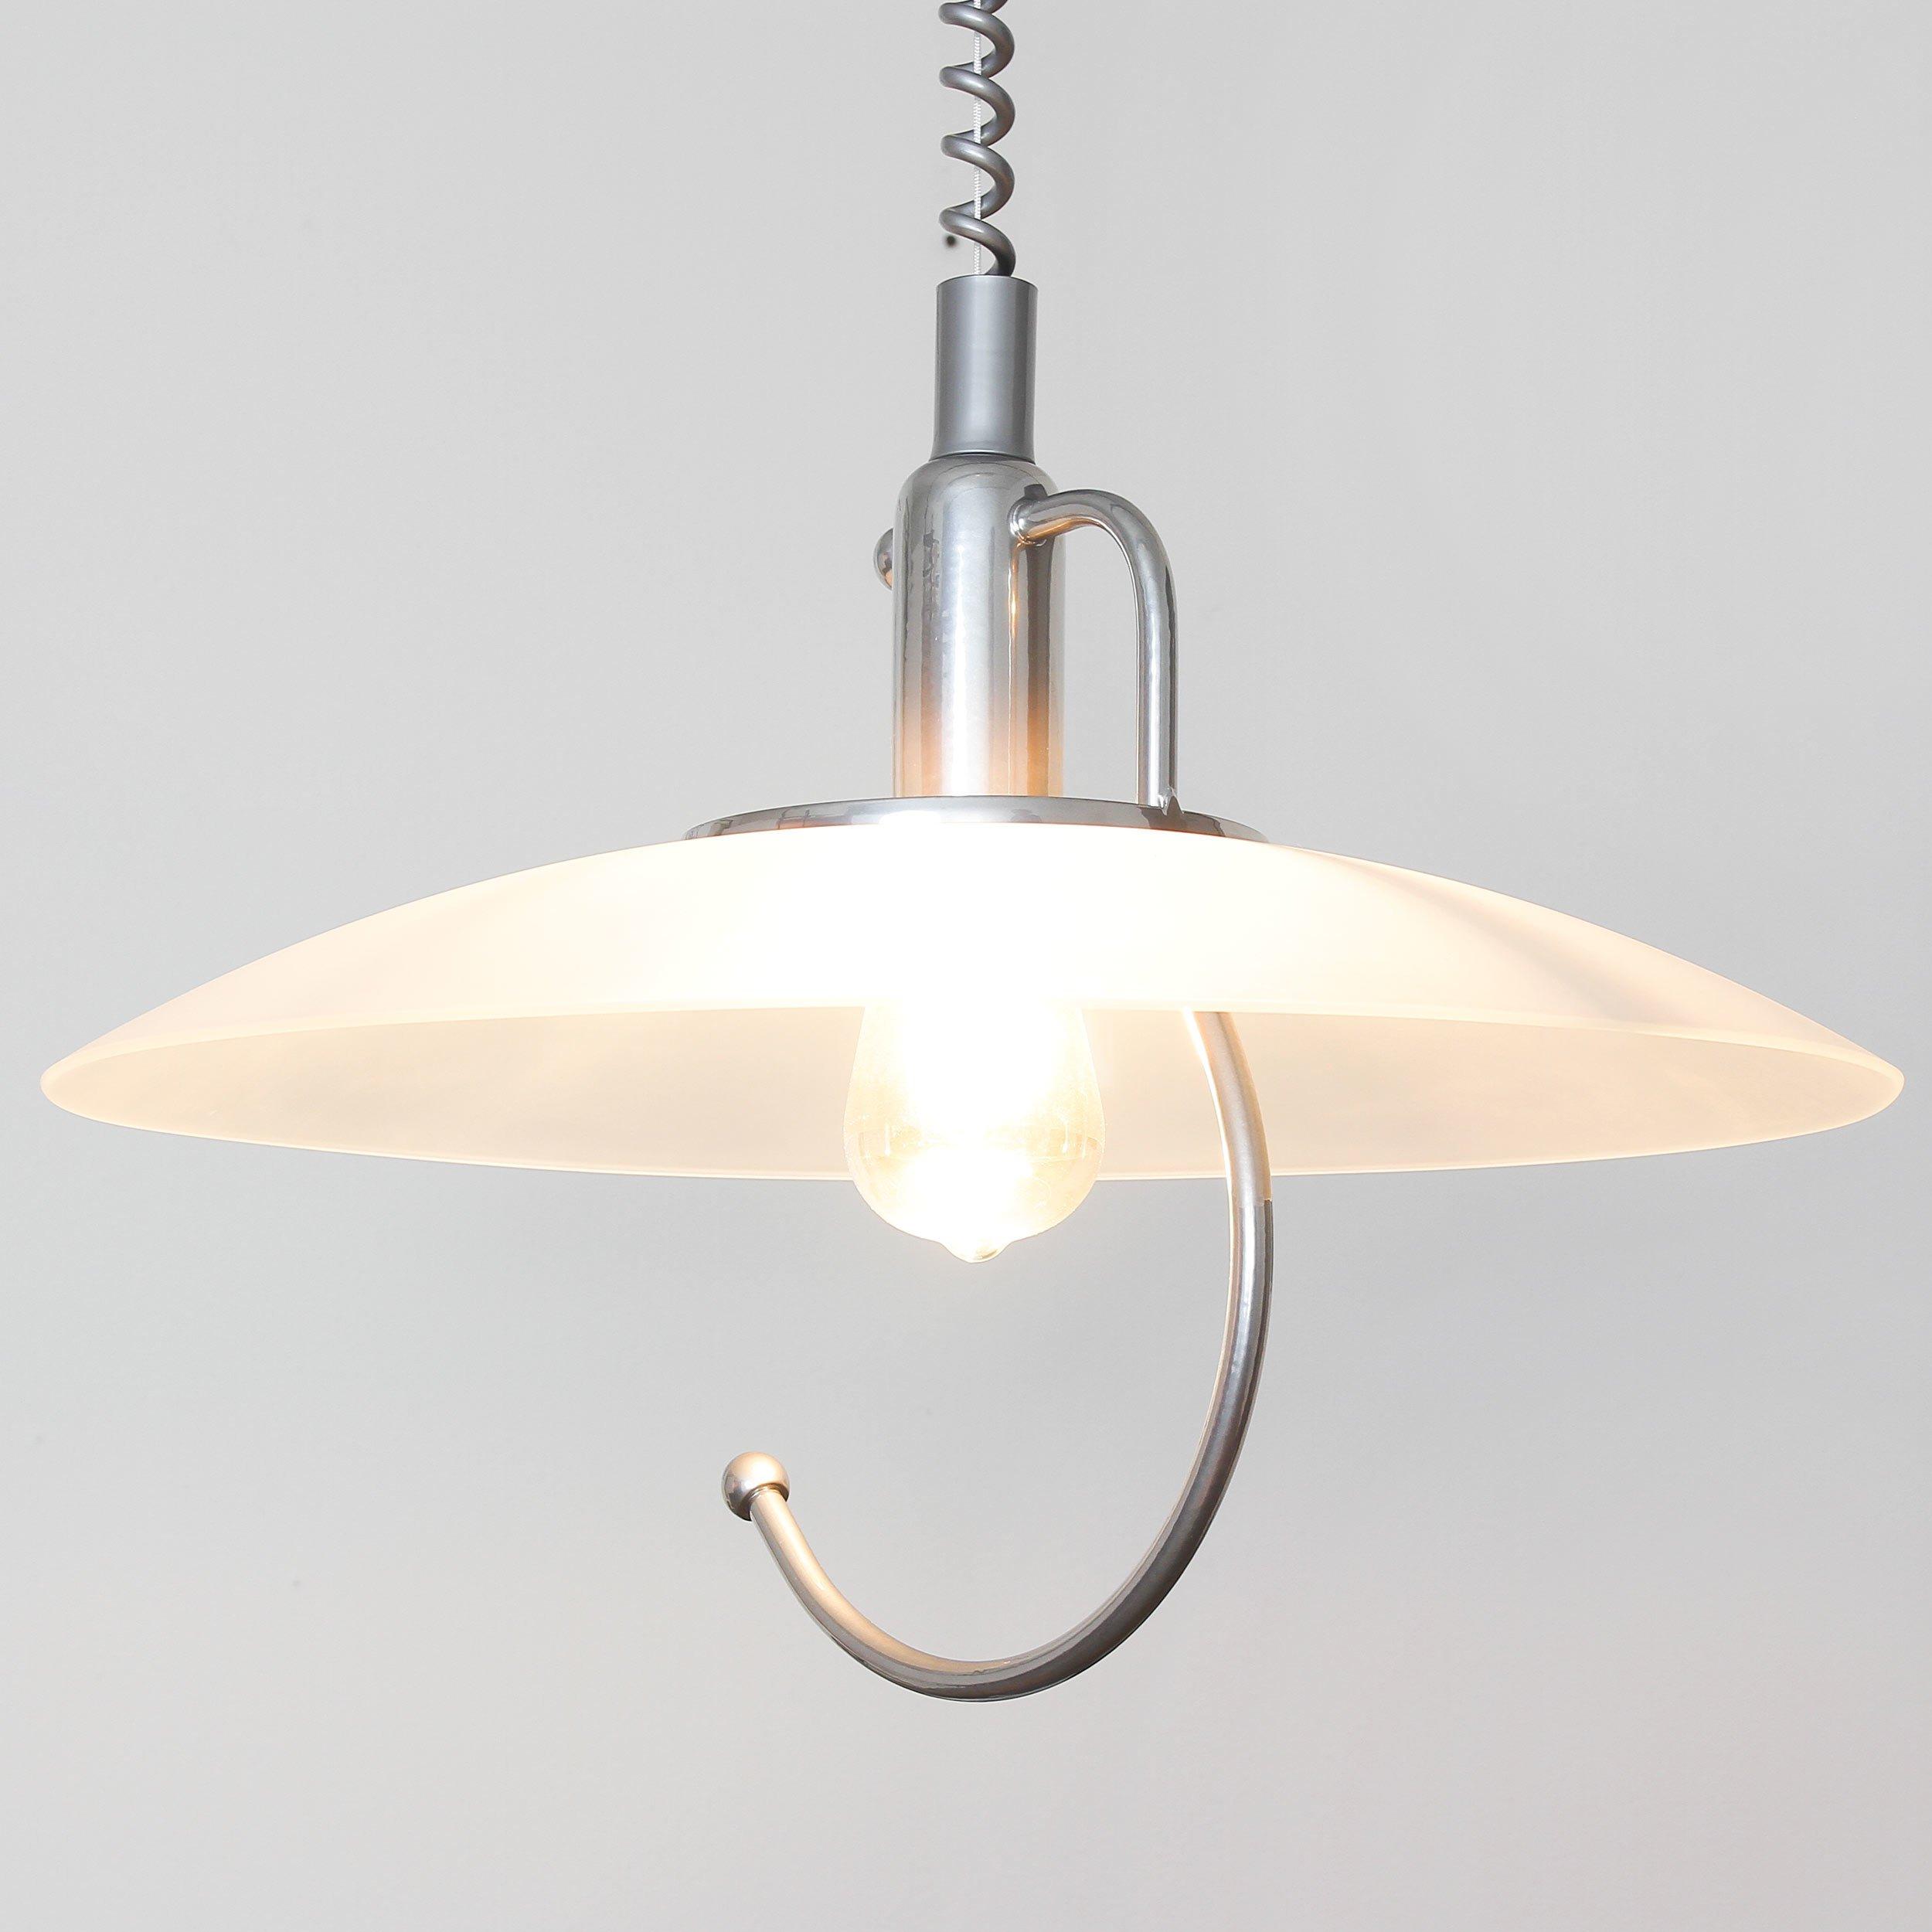 Praktische Hängeleuchte in Silber Zeitloser Stil inkl. 15x 152W E15 LED  Pendelleuchte aus Metall & Glas höhenverstellbare Hängelampe für Küche